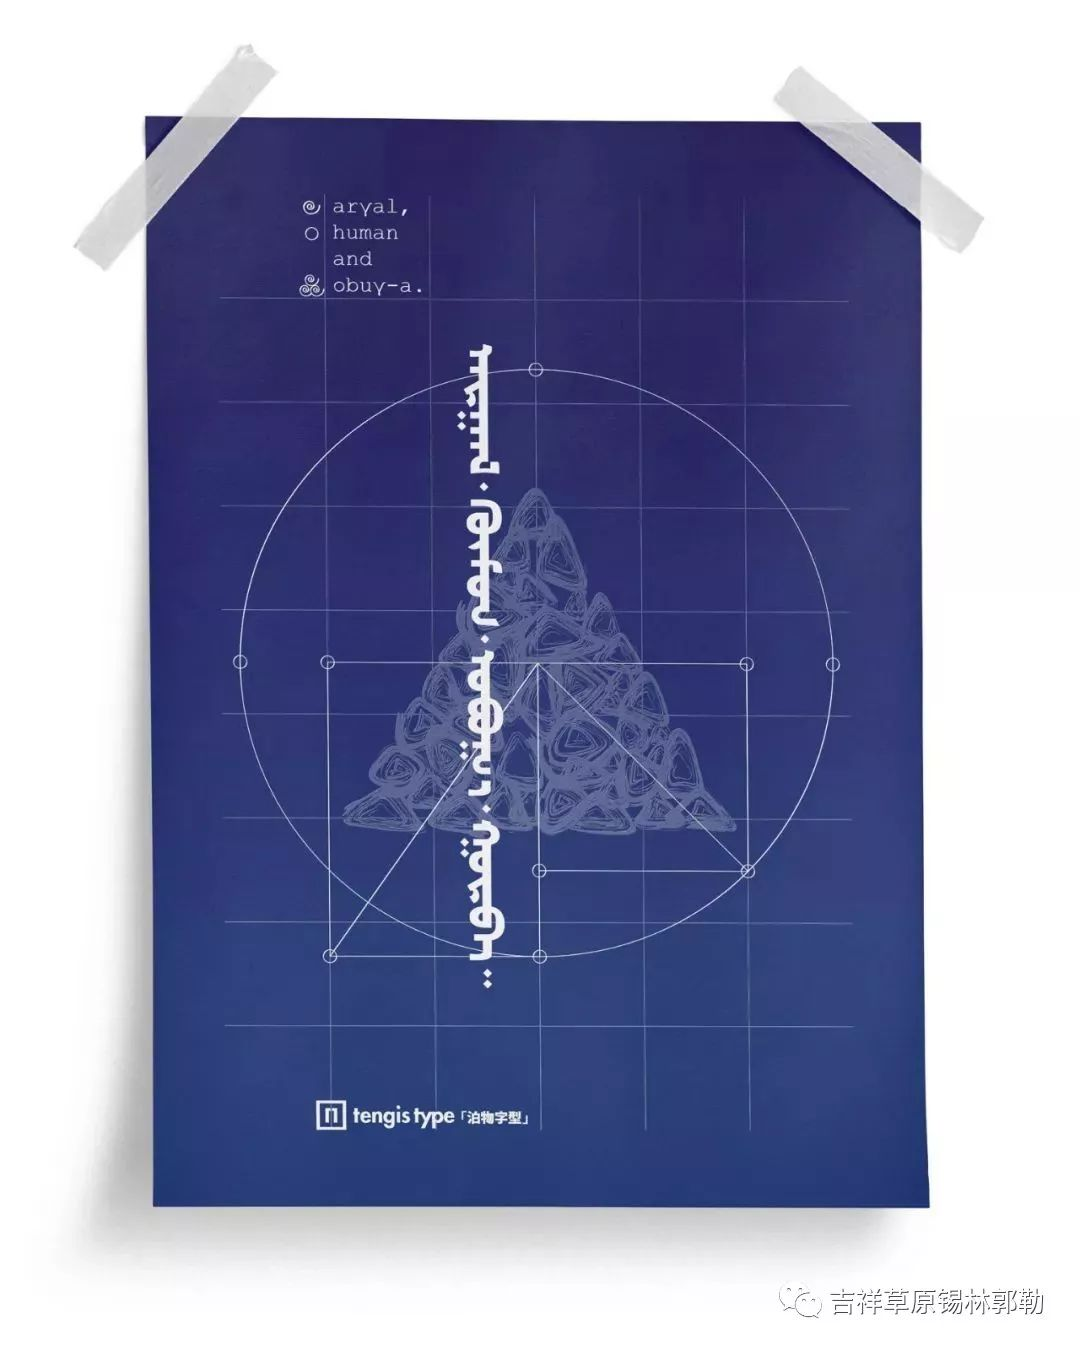 蒙古小哥的天马行空,来自内蒙古的平面设计之美 第14张